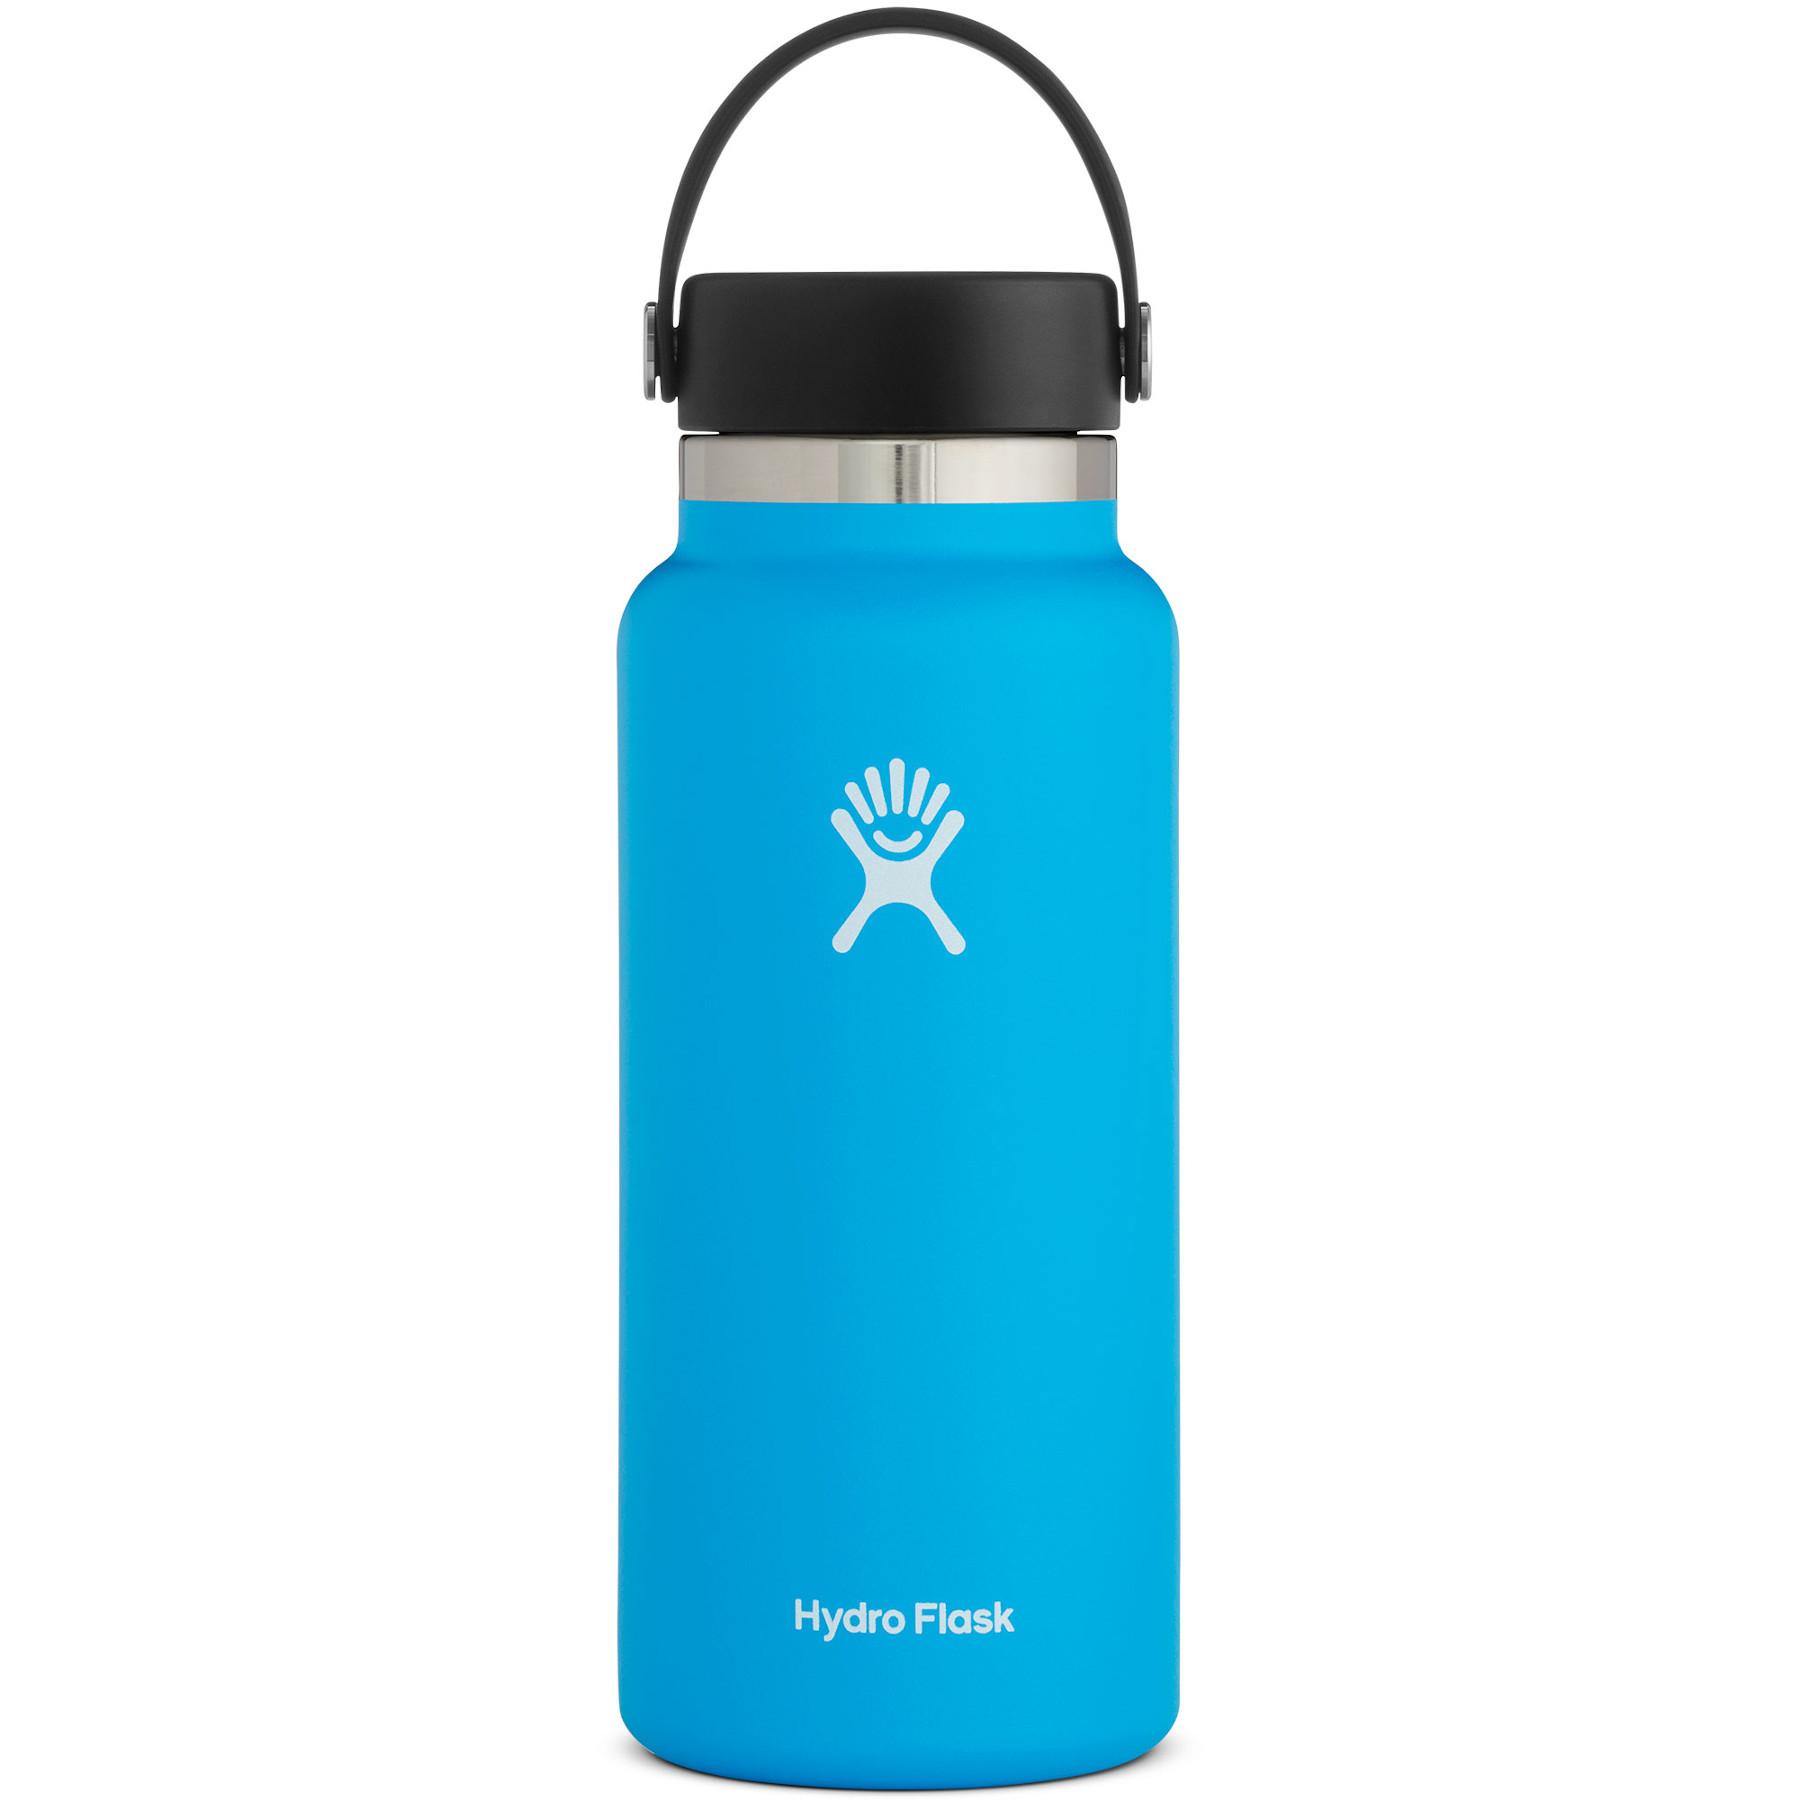 Produktbild von Hydro Flask 32 oz Wide Mouth mit Flex Cap 2.0 Thermoflasche 946 ml - Pacific